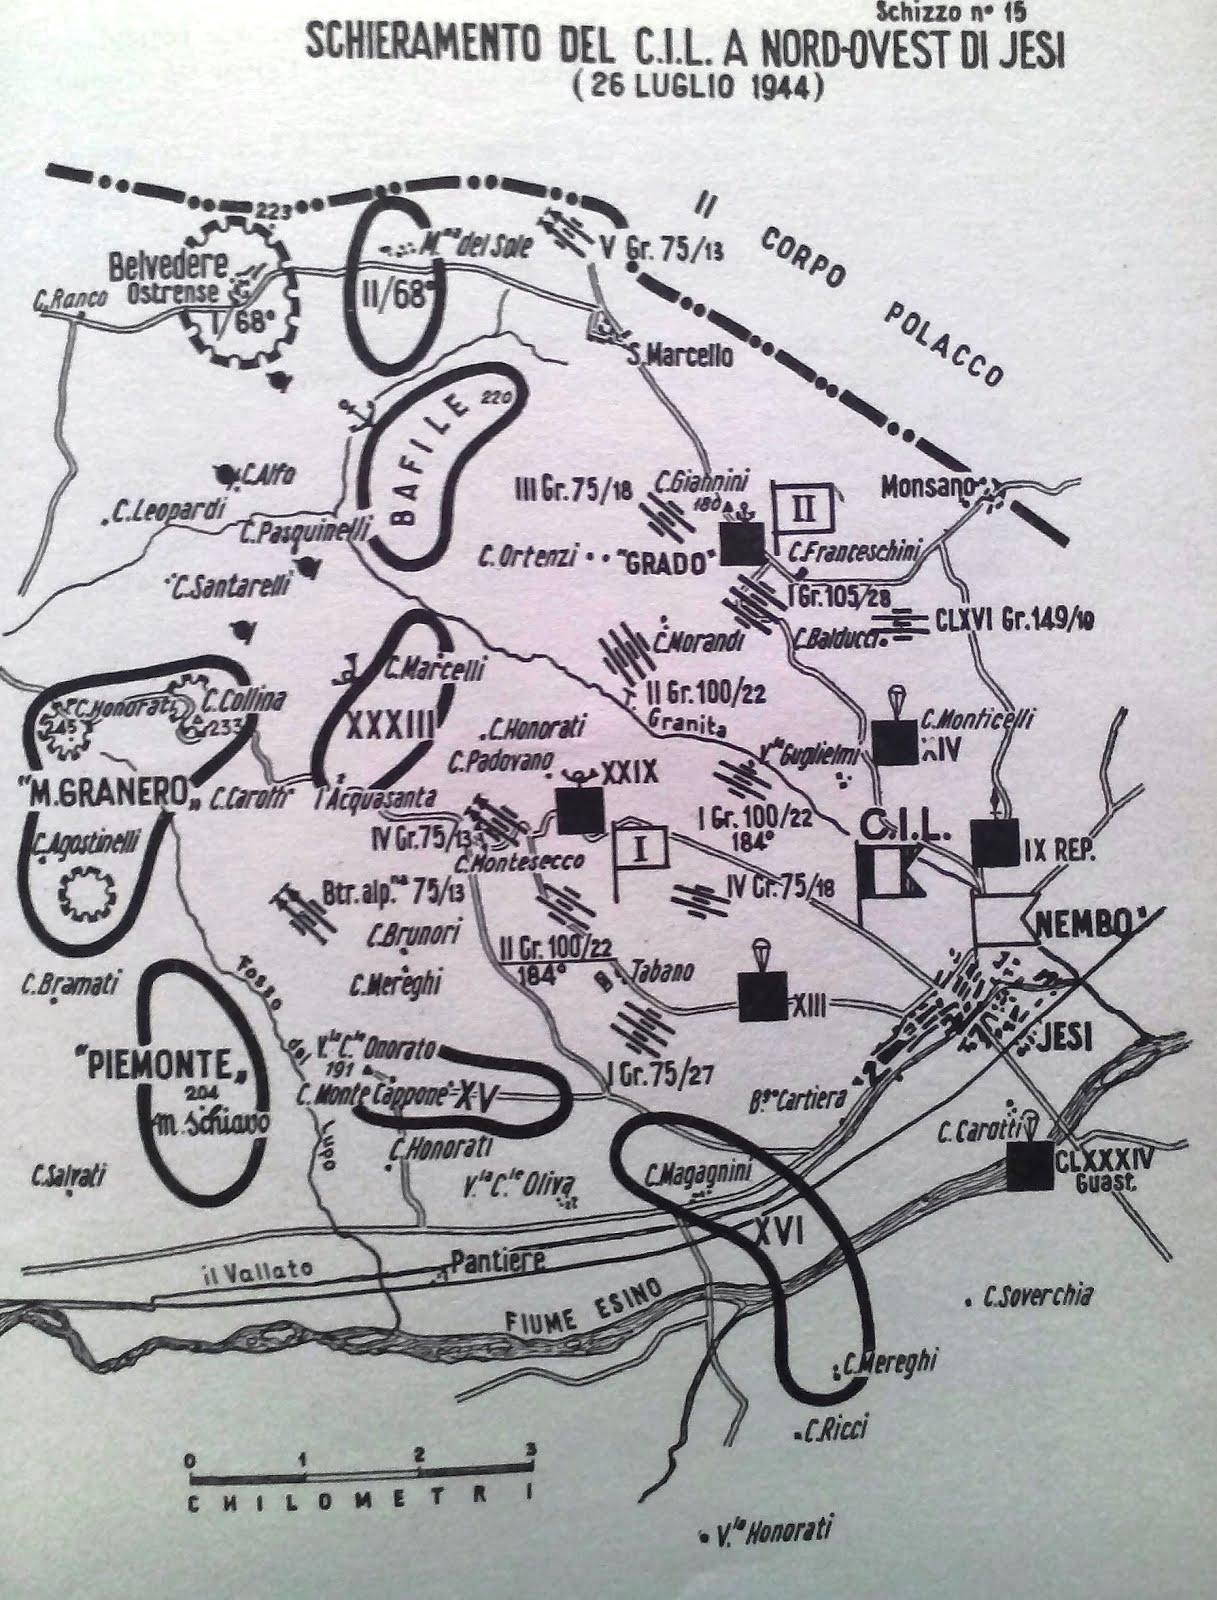 Schieramento del Corpo Italiano di Liberazione 31 luglio 1944